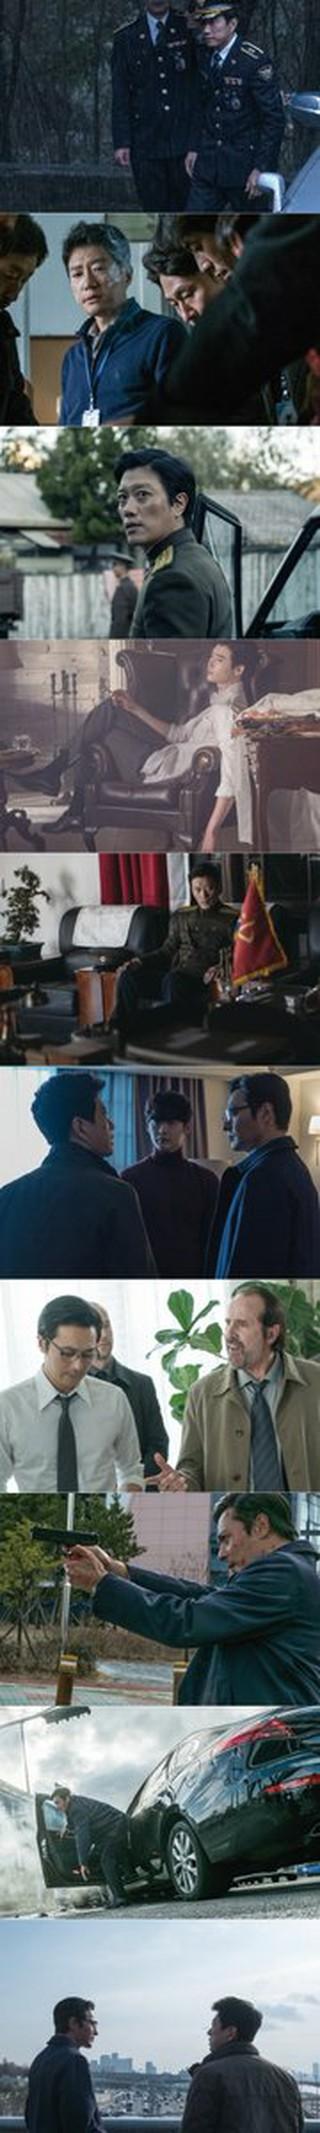 チャン・ドンゴン、キム・ミョンミン、パク・ヒスンら出演の映画「V.I.P」がスチル公開。